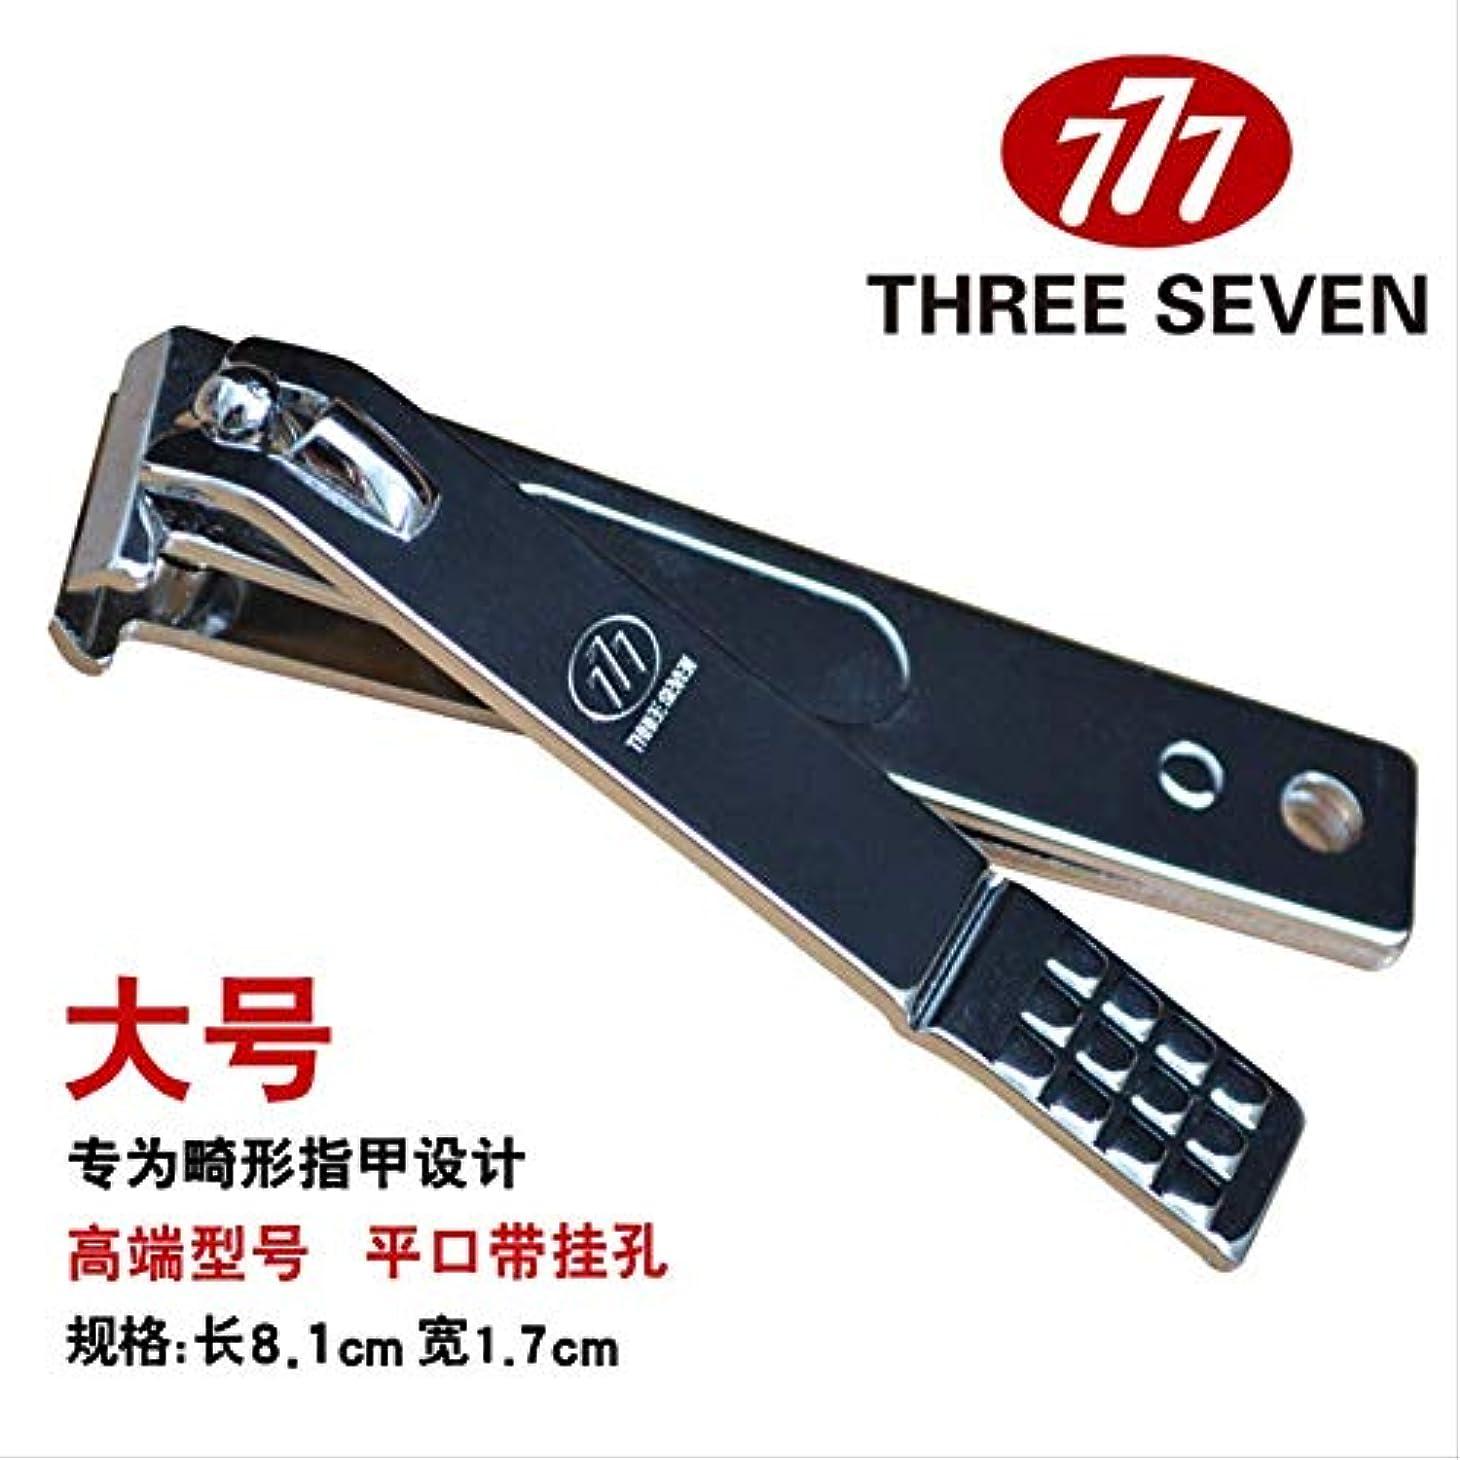 満州とげキノコ韓国777爪切りはさみ元平口斜め爪切り小さな爪切り大本物 N-240ZA